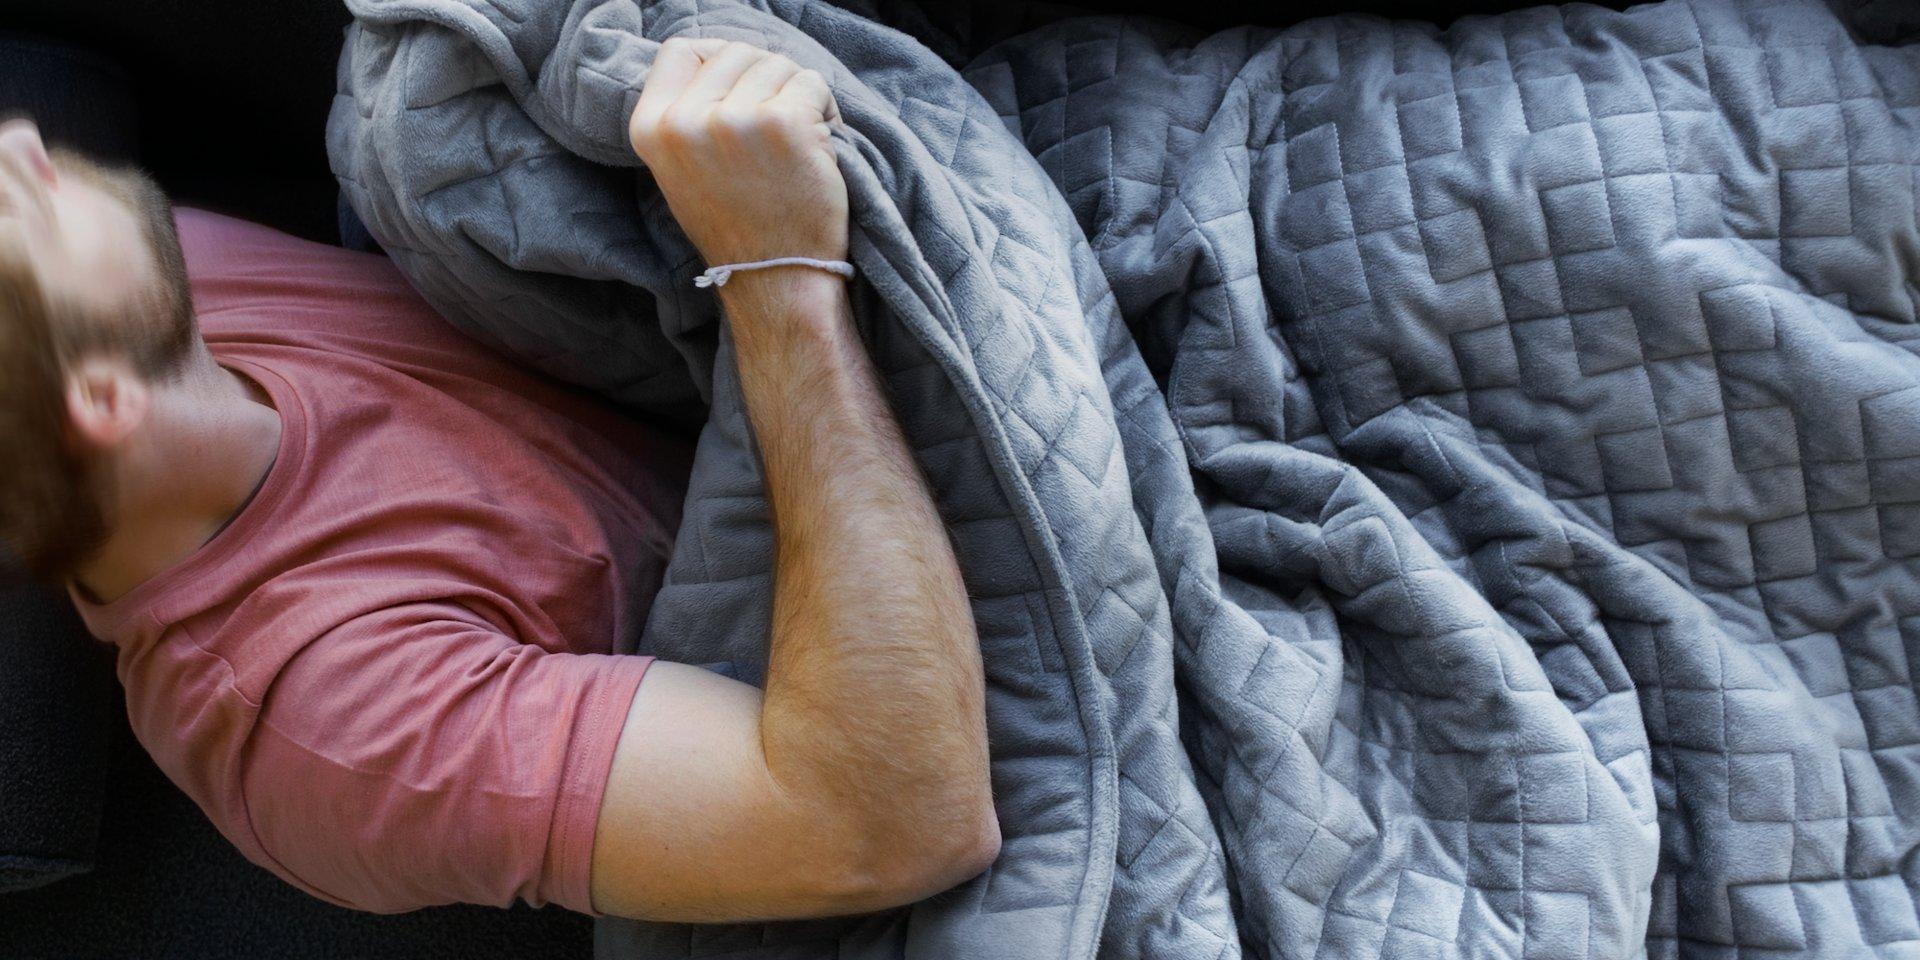 гравитационное одеяло и рекламная кампания